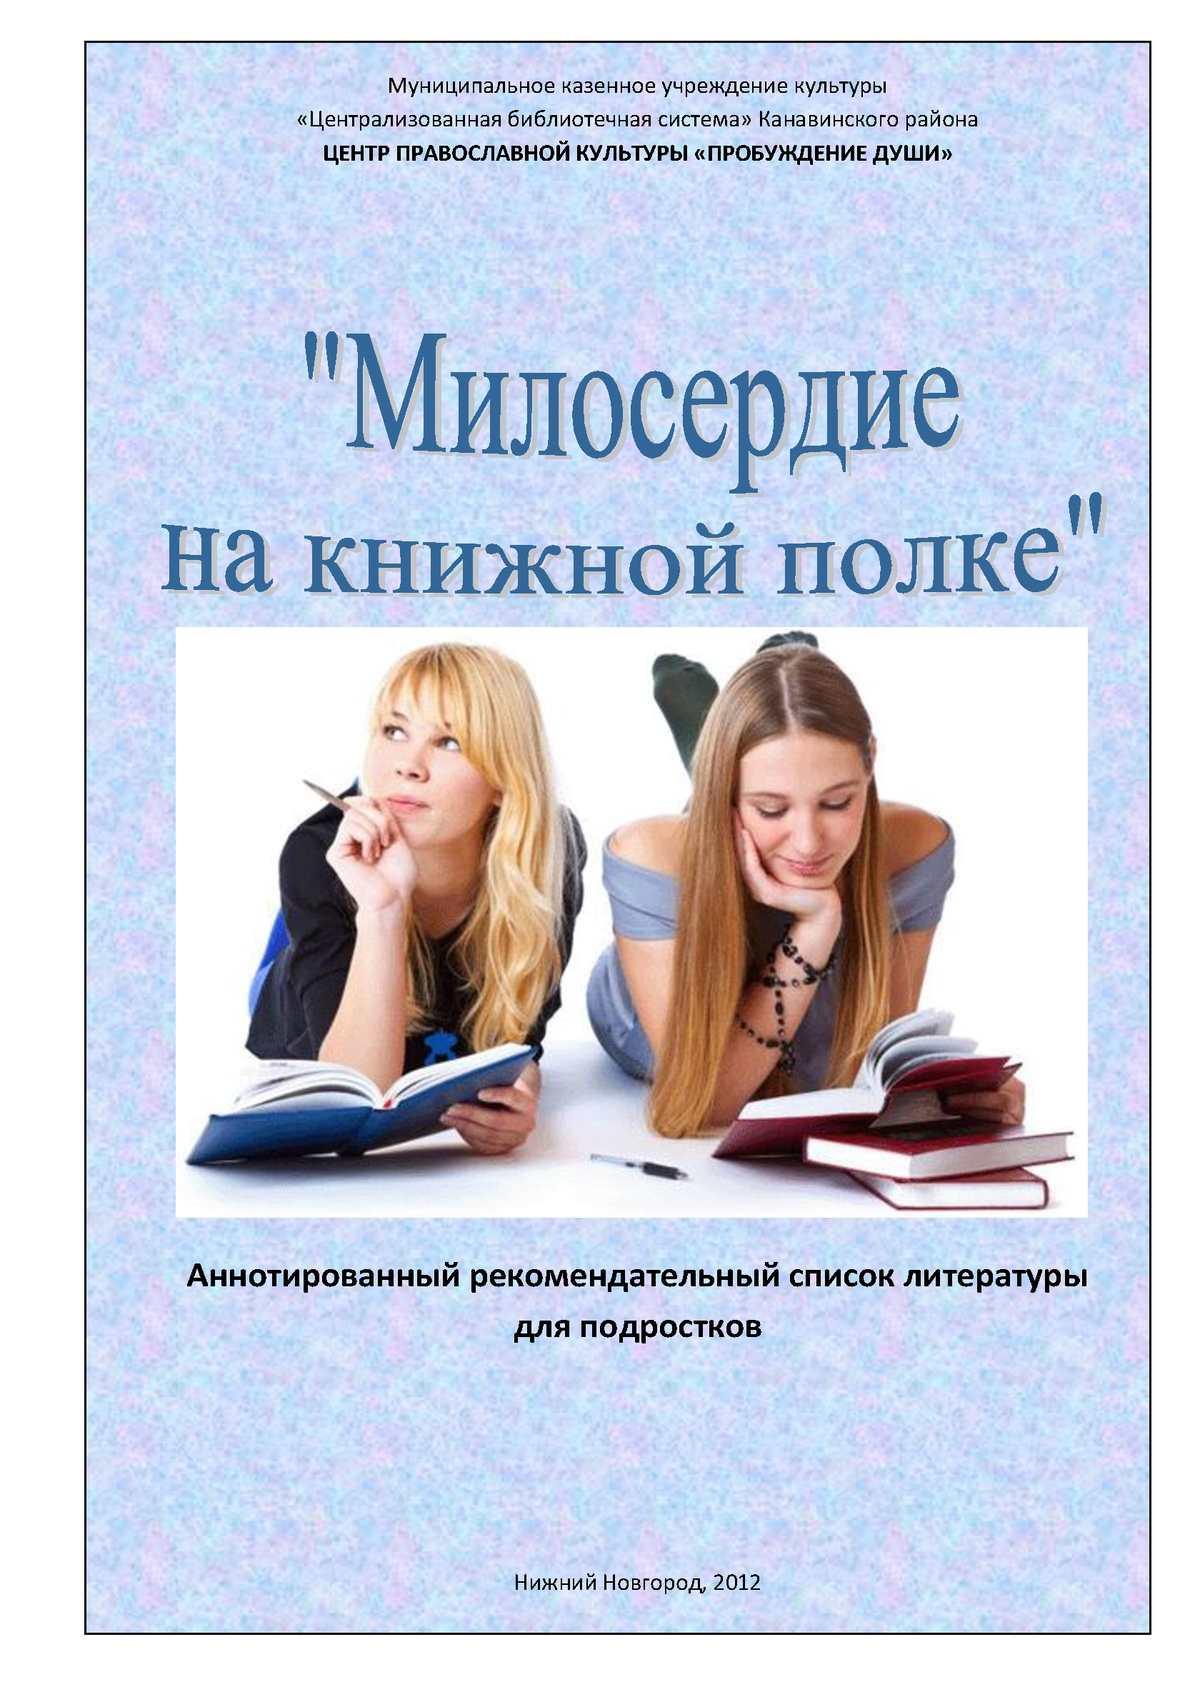 Милосердие на полке. Рекомендательный список литературы